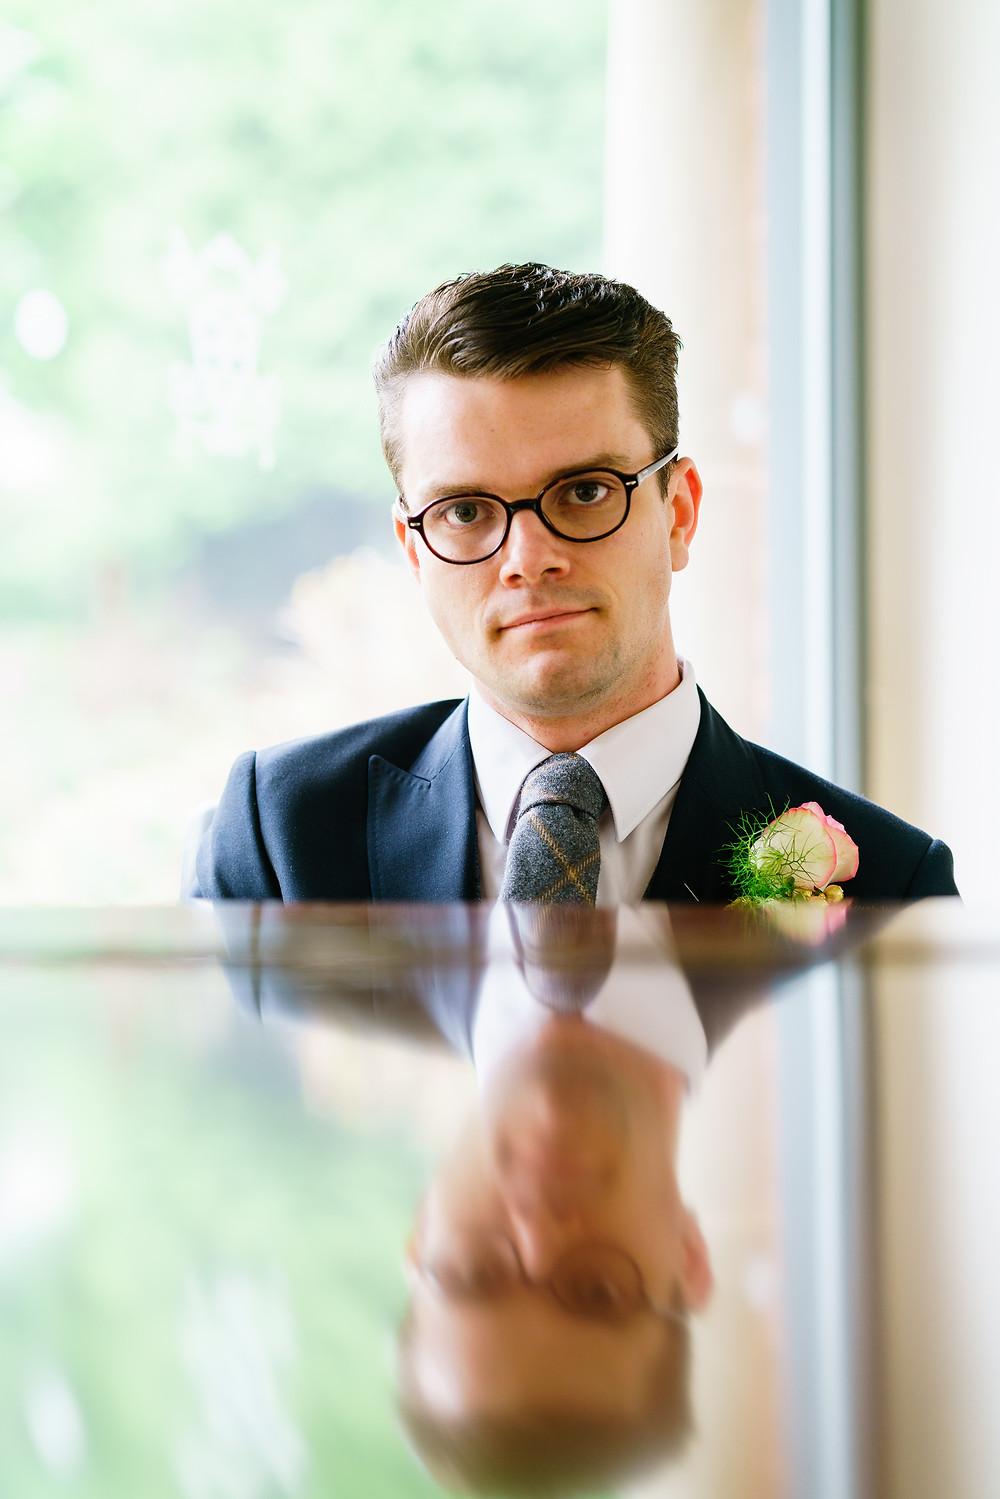 The lucky groom!